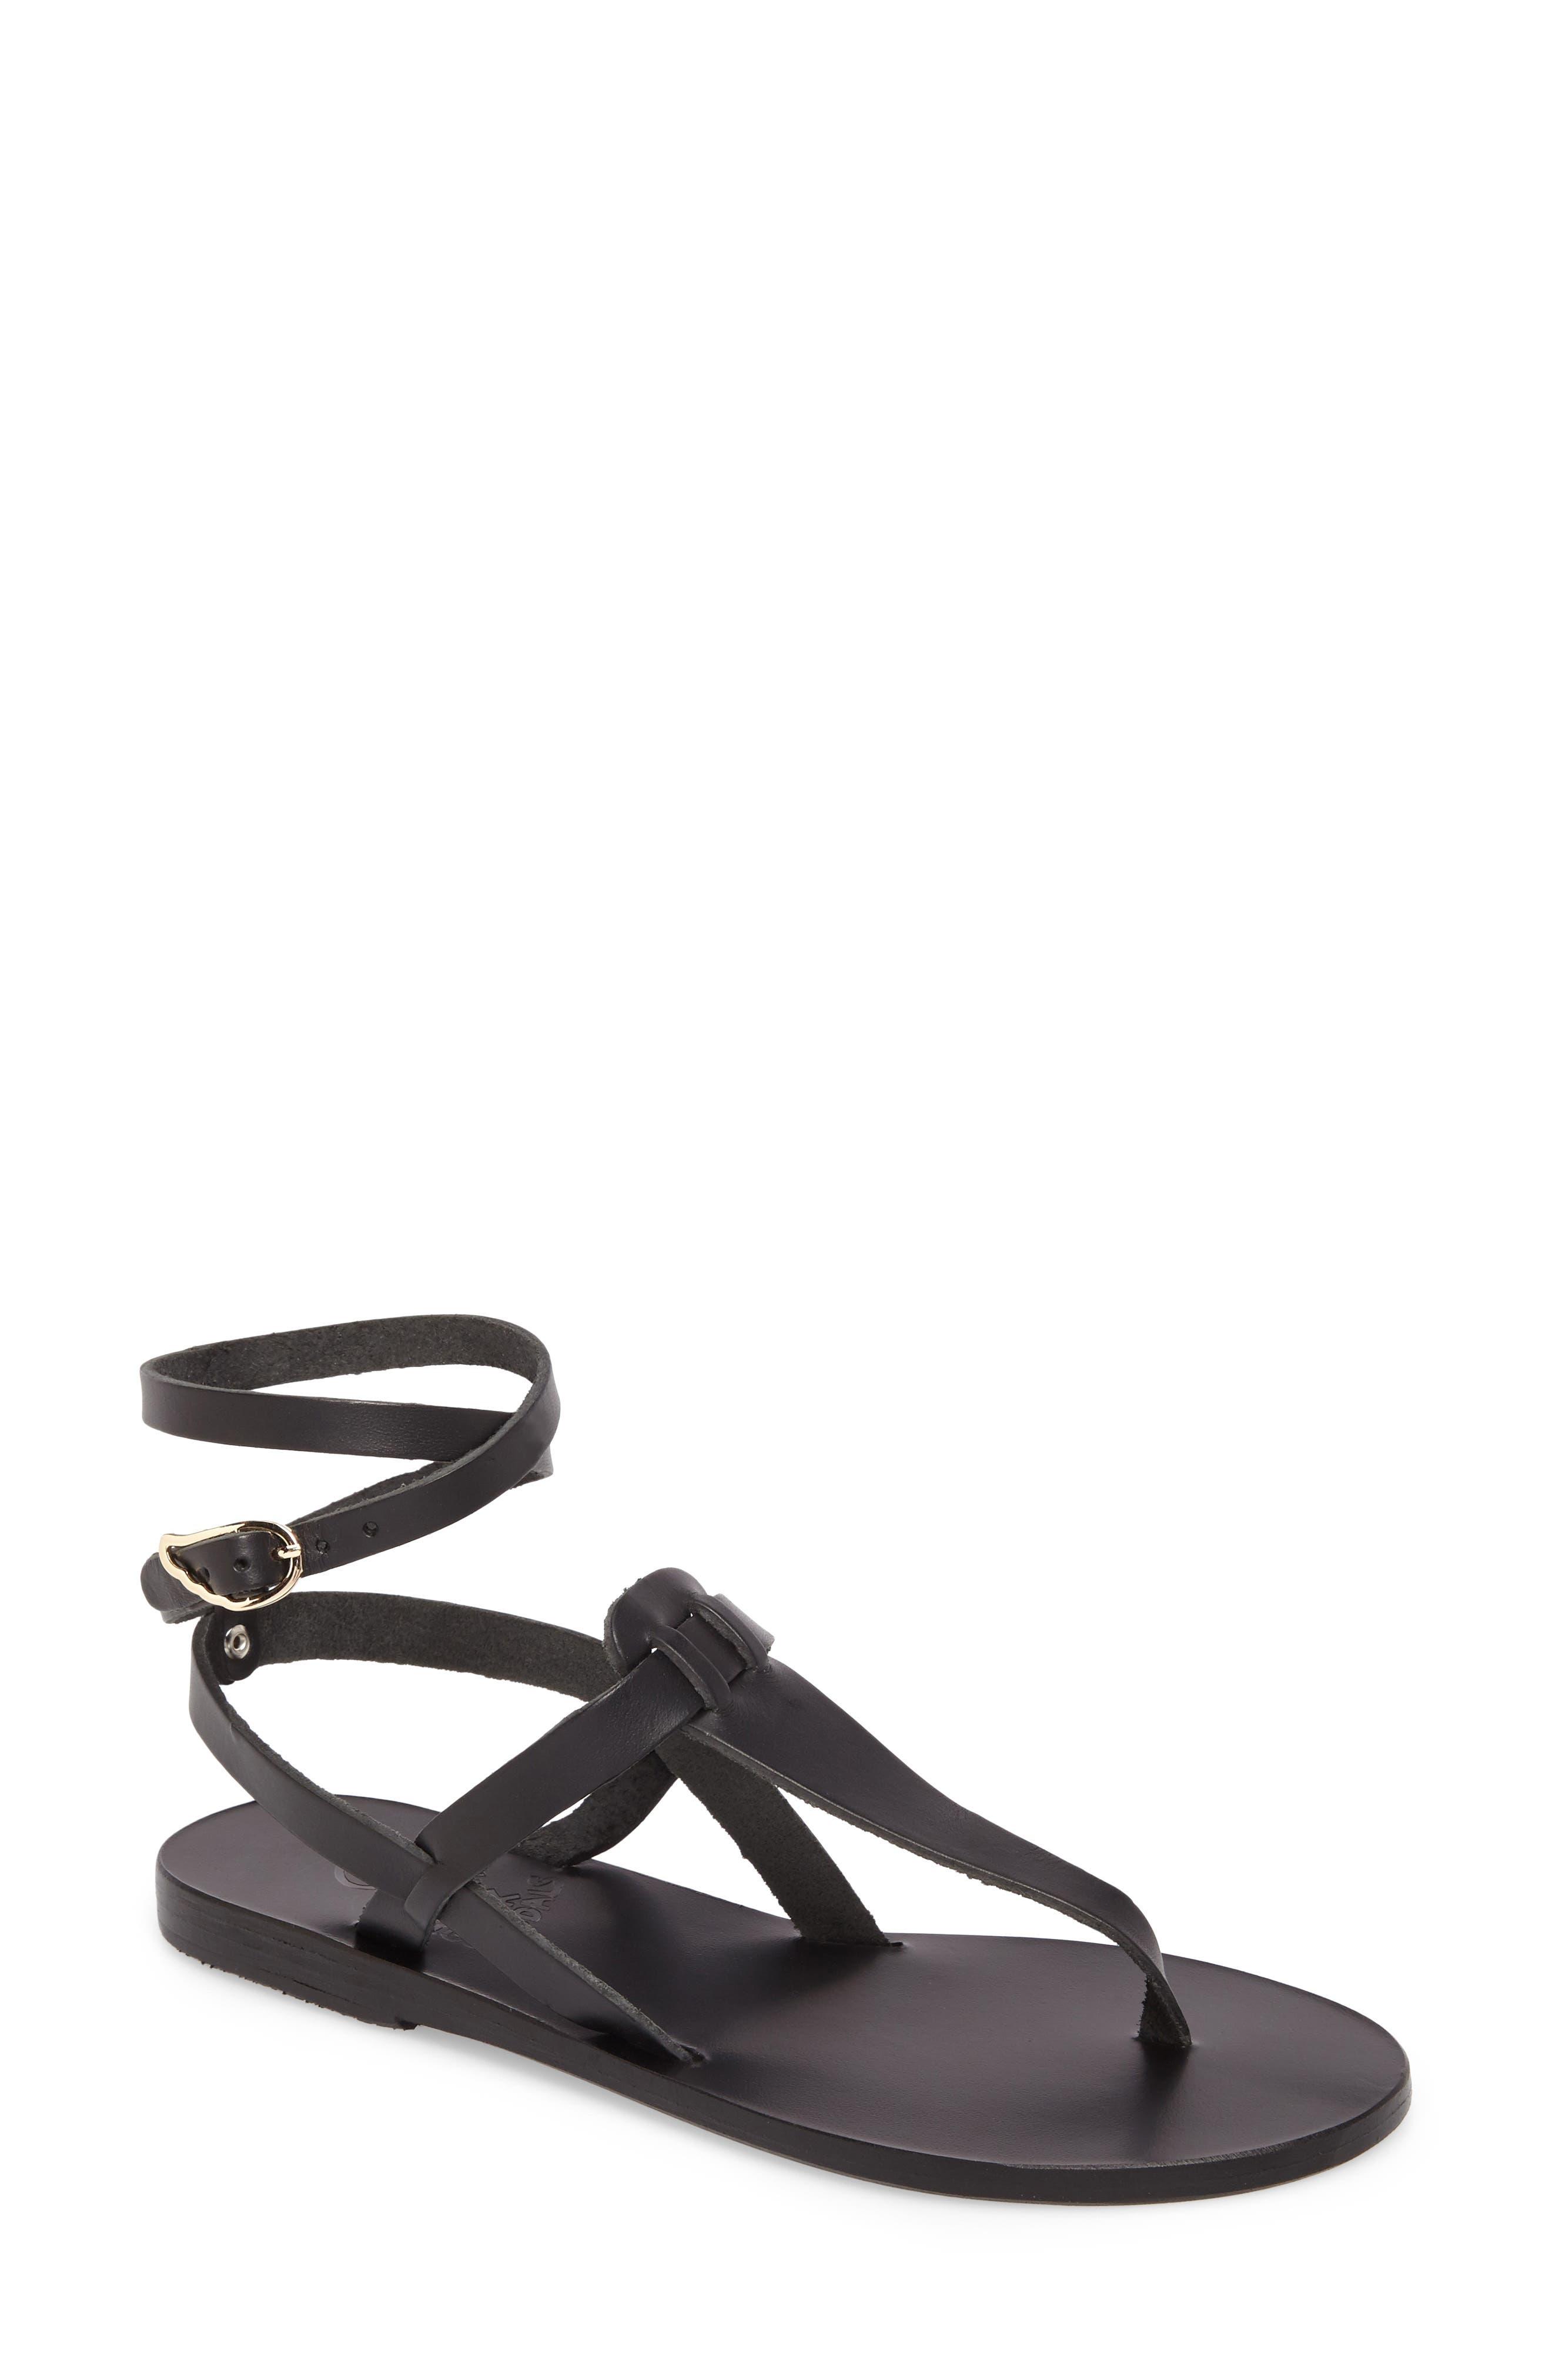 ANCIENT GREEK SANDALS Estia Ankle Wrap Sandal, Main, color, 001